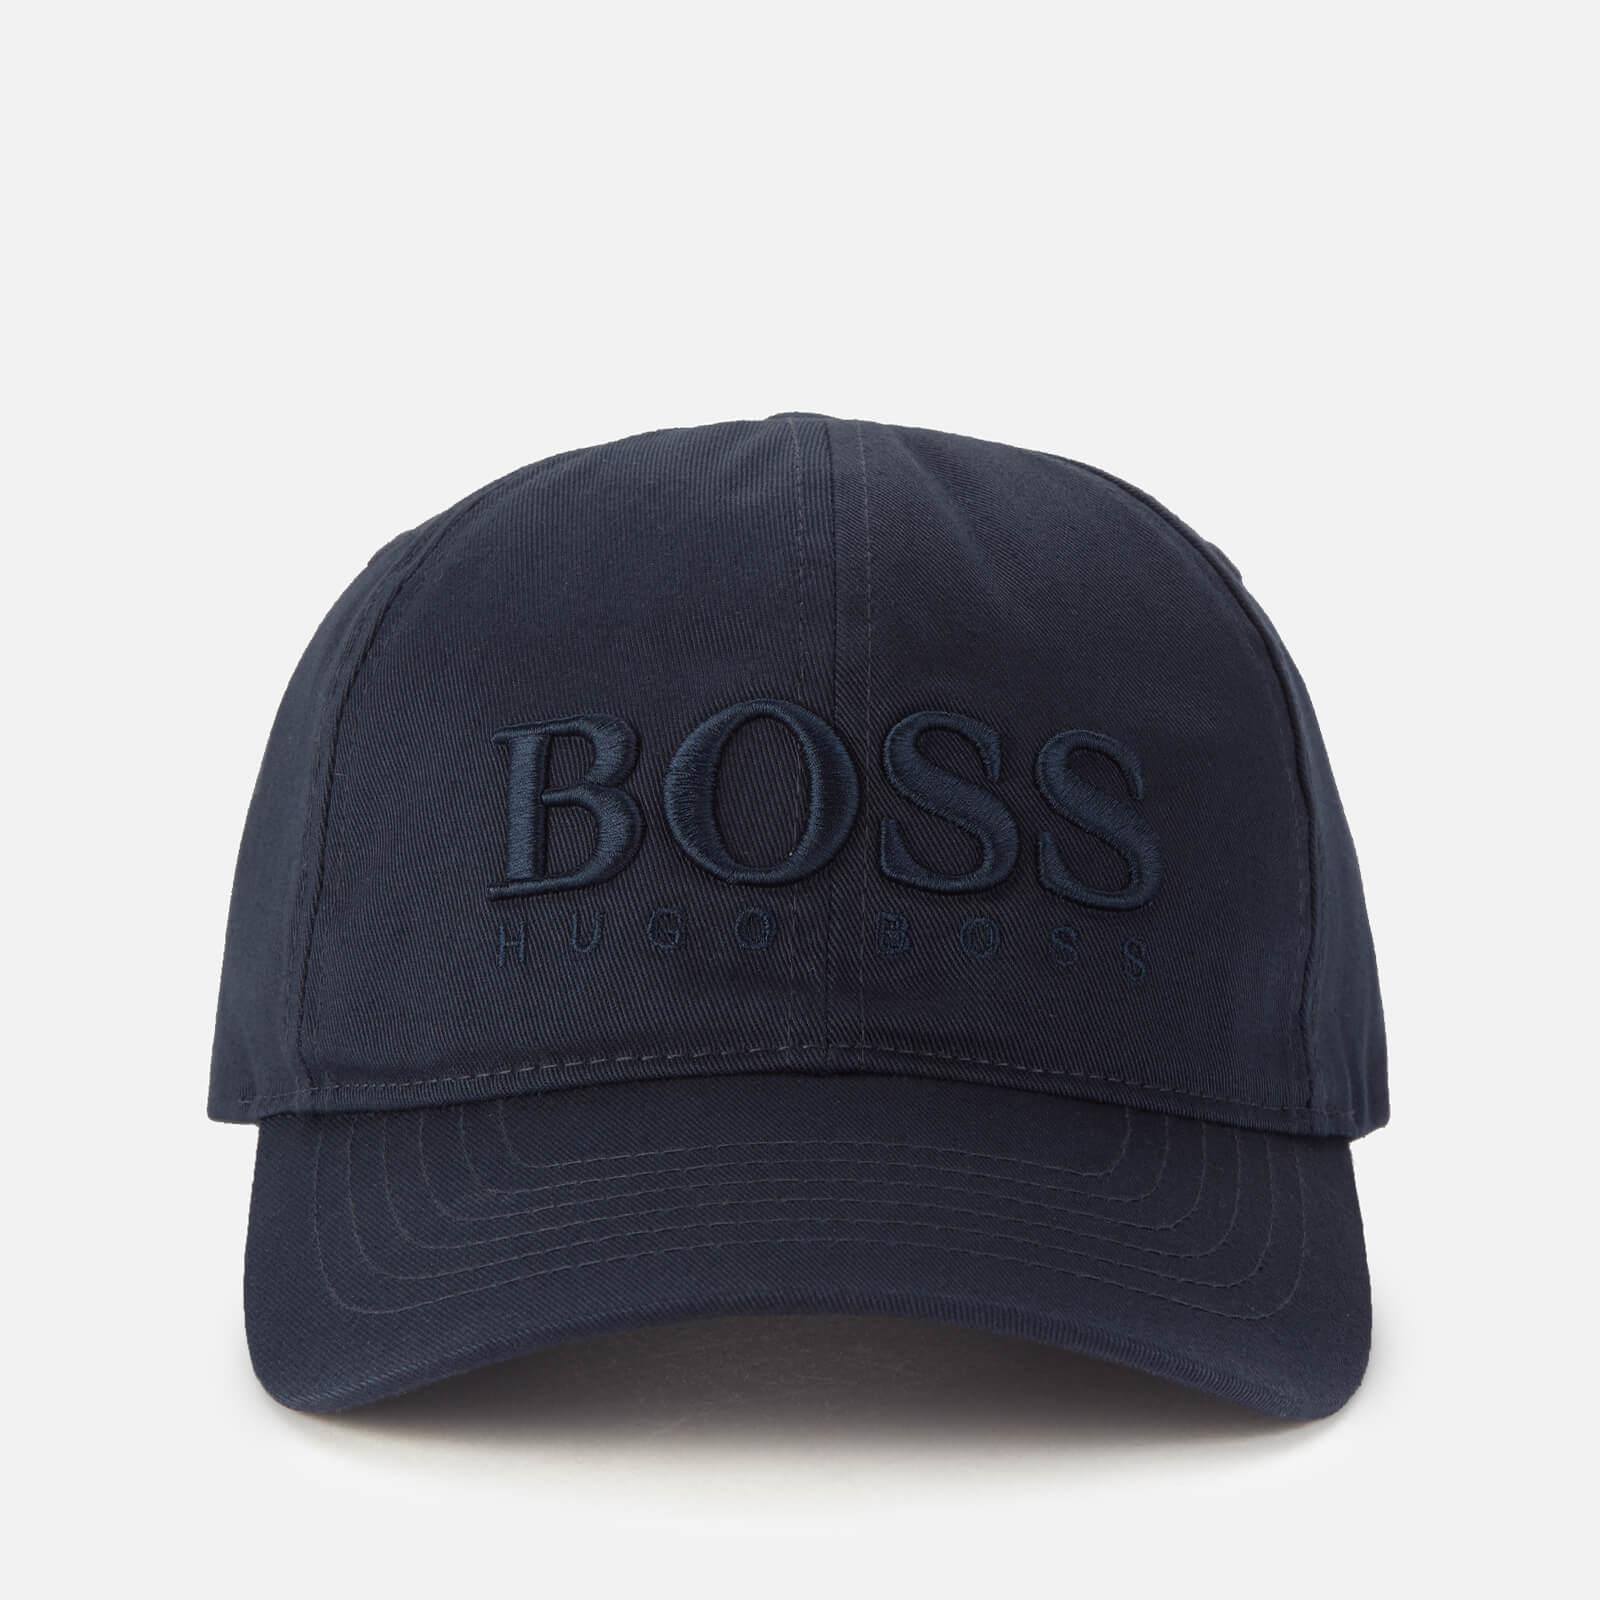 Boss Hugo Boss Men's Fero Cap - Navy